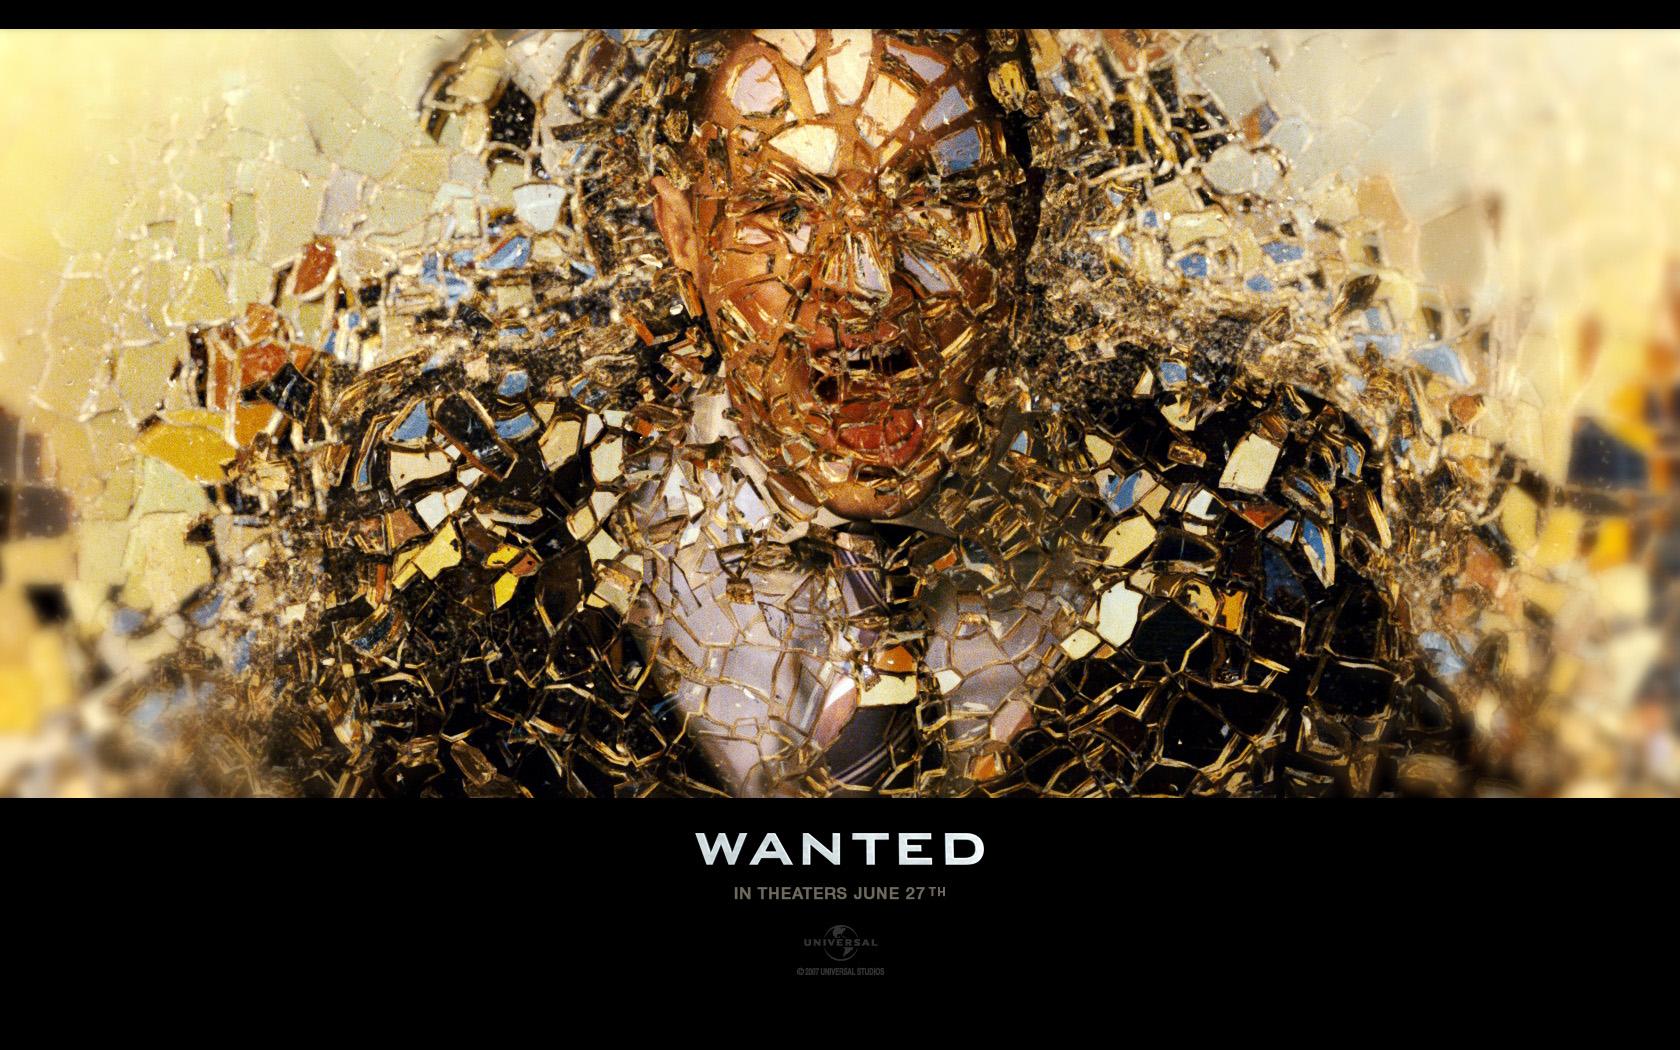 通缉犯/Wanted(2008) 电影图片 桌面 #06D 大图 1680X1050